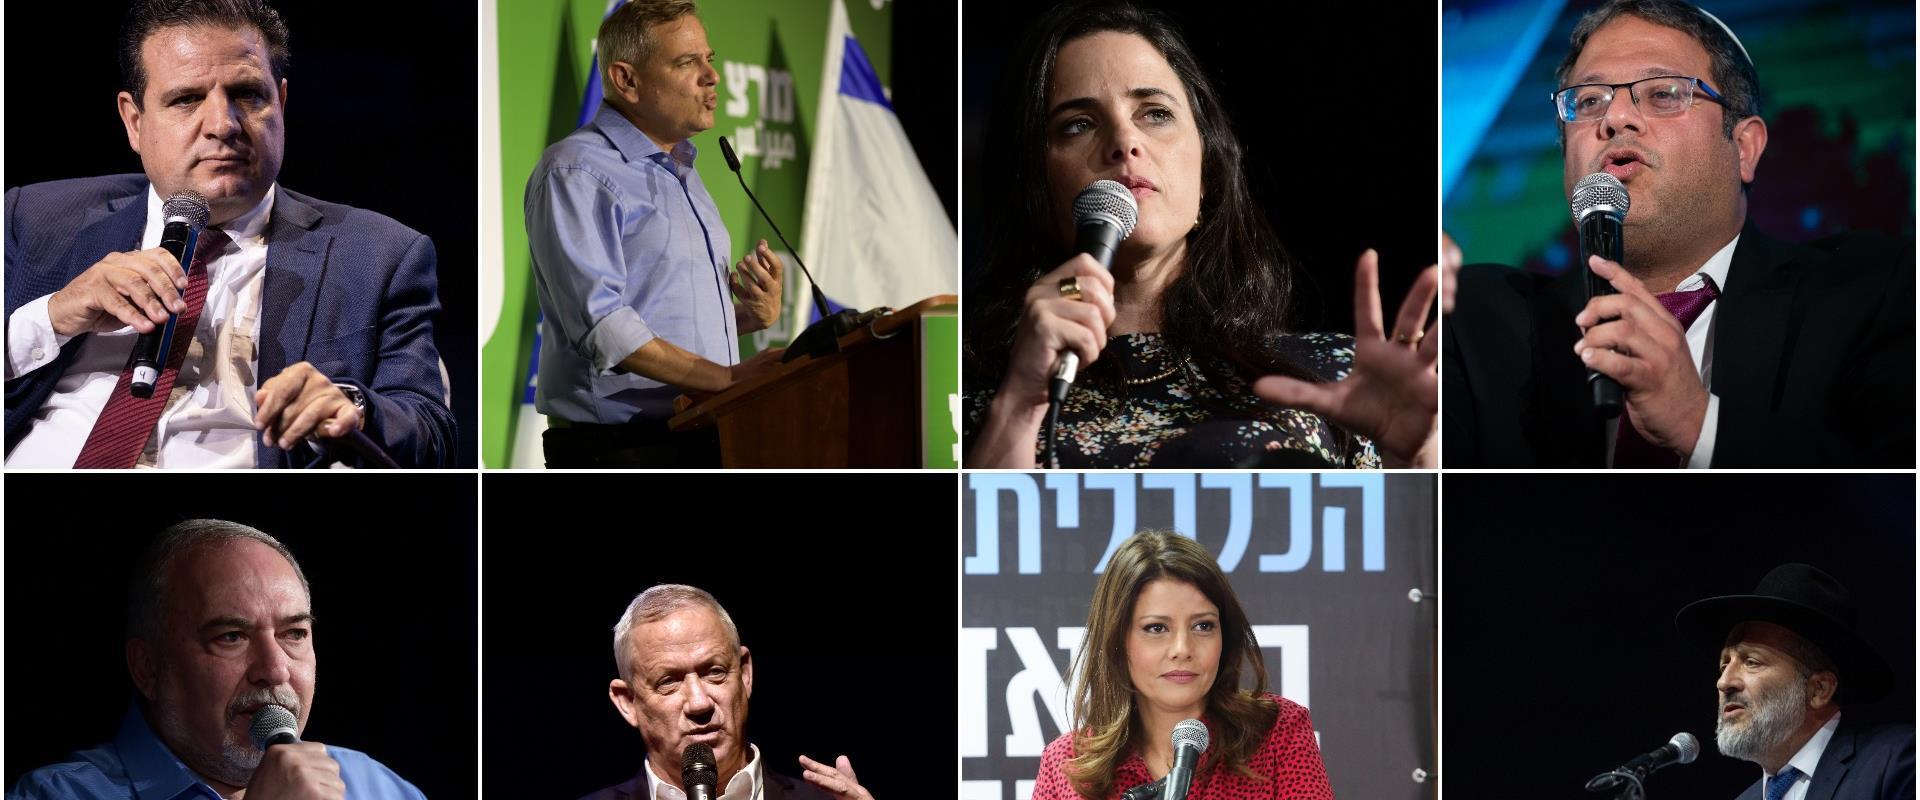 ישראל בוחרת